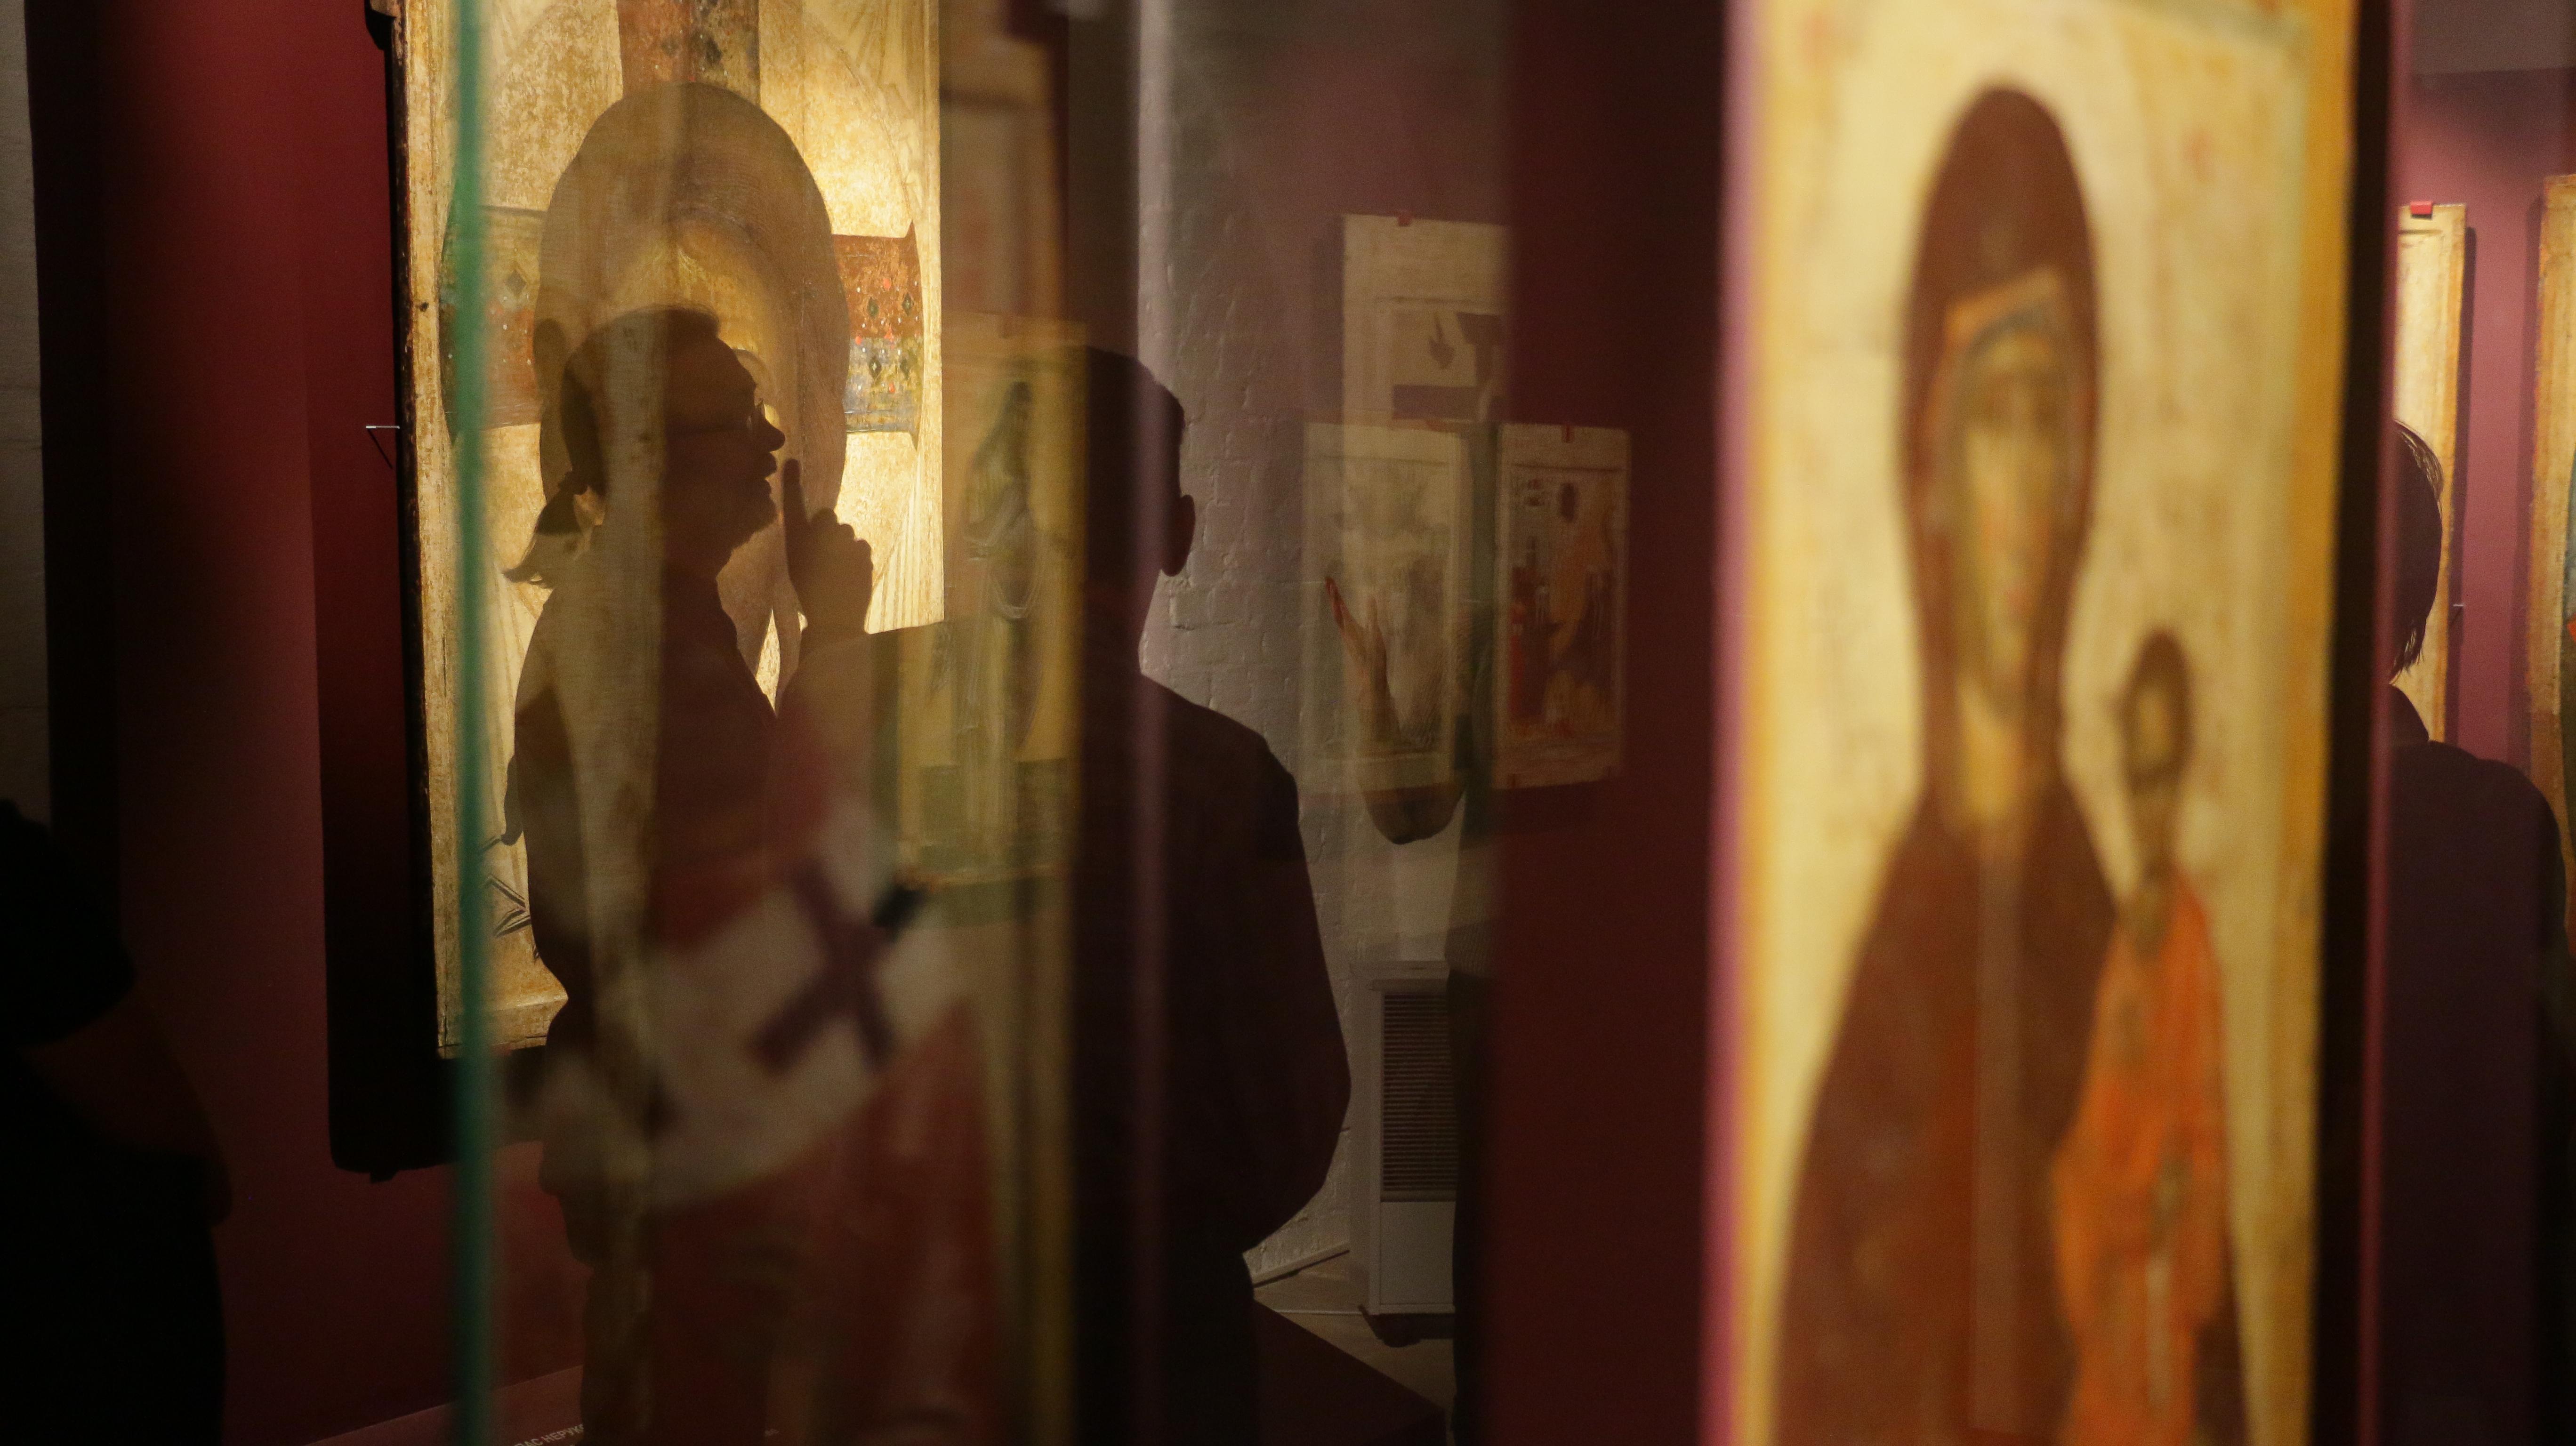 В Церкви выпустили мобильный видеогид на жестовом языке по музею имени Андрея Рублева